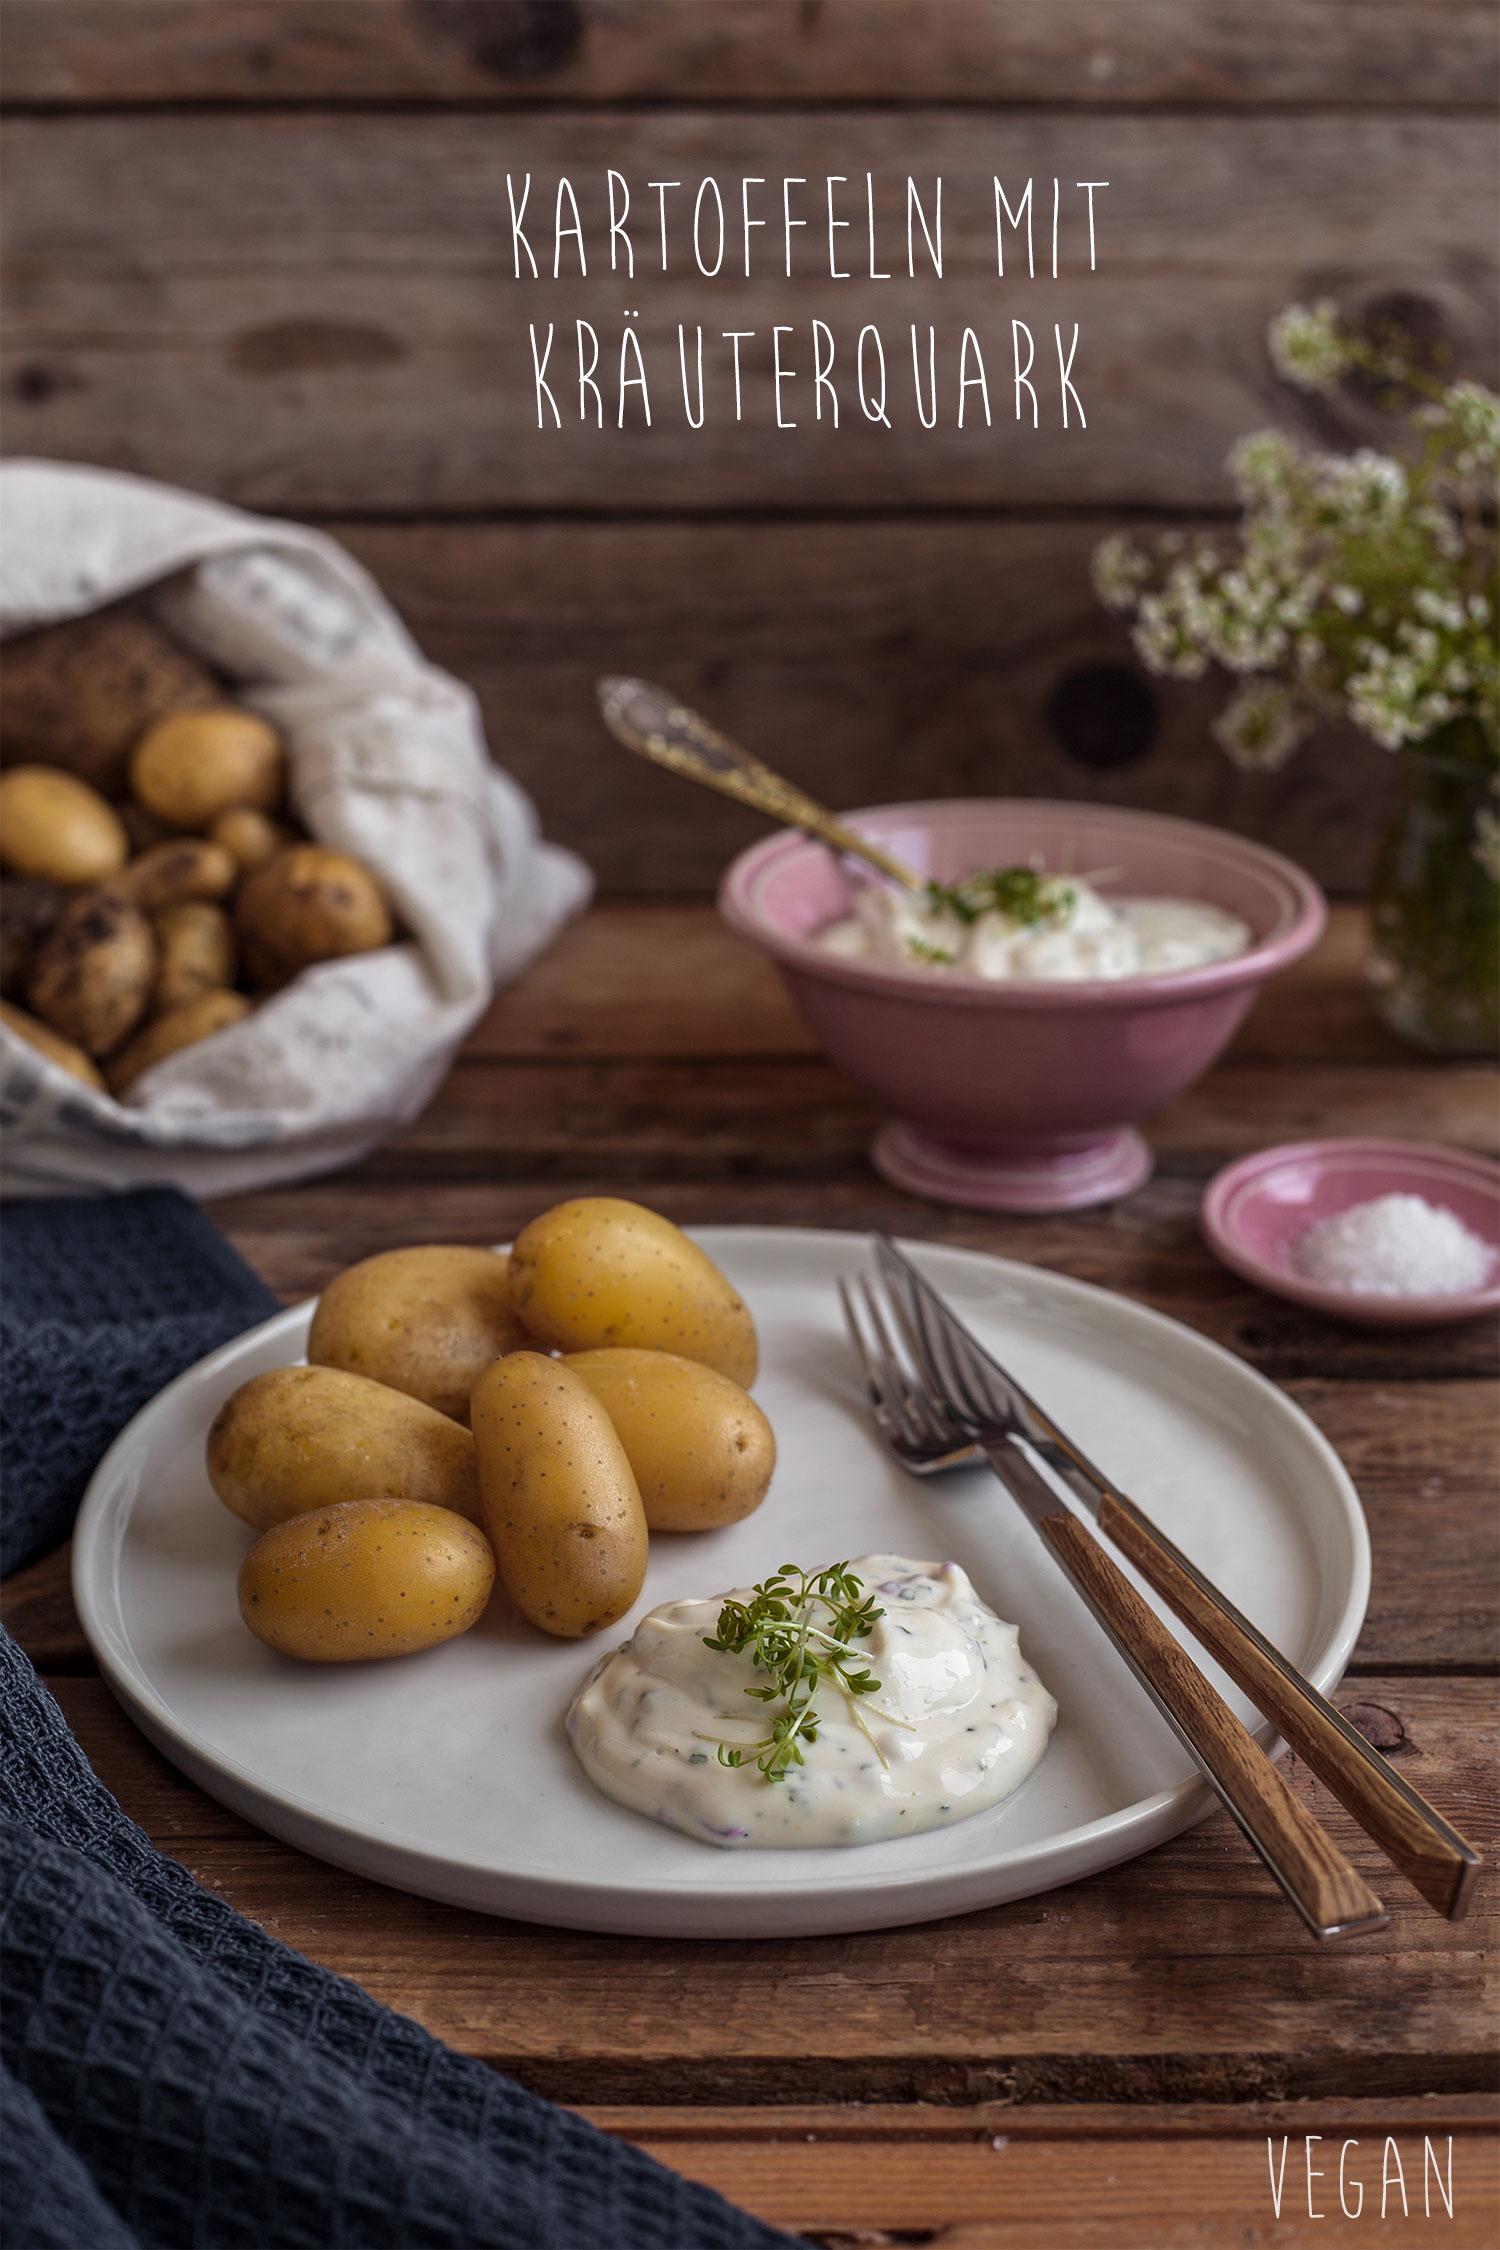 Kartoffeln mit Kräuterquark vegan